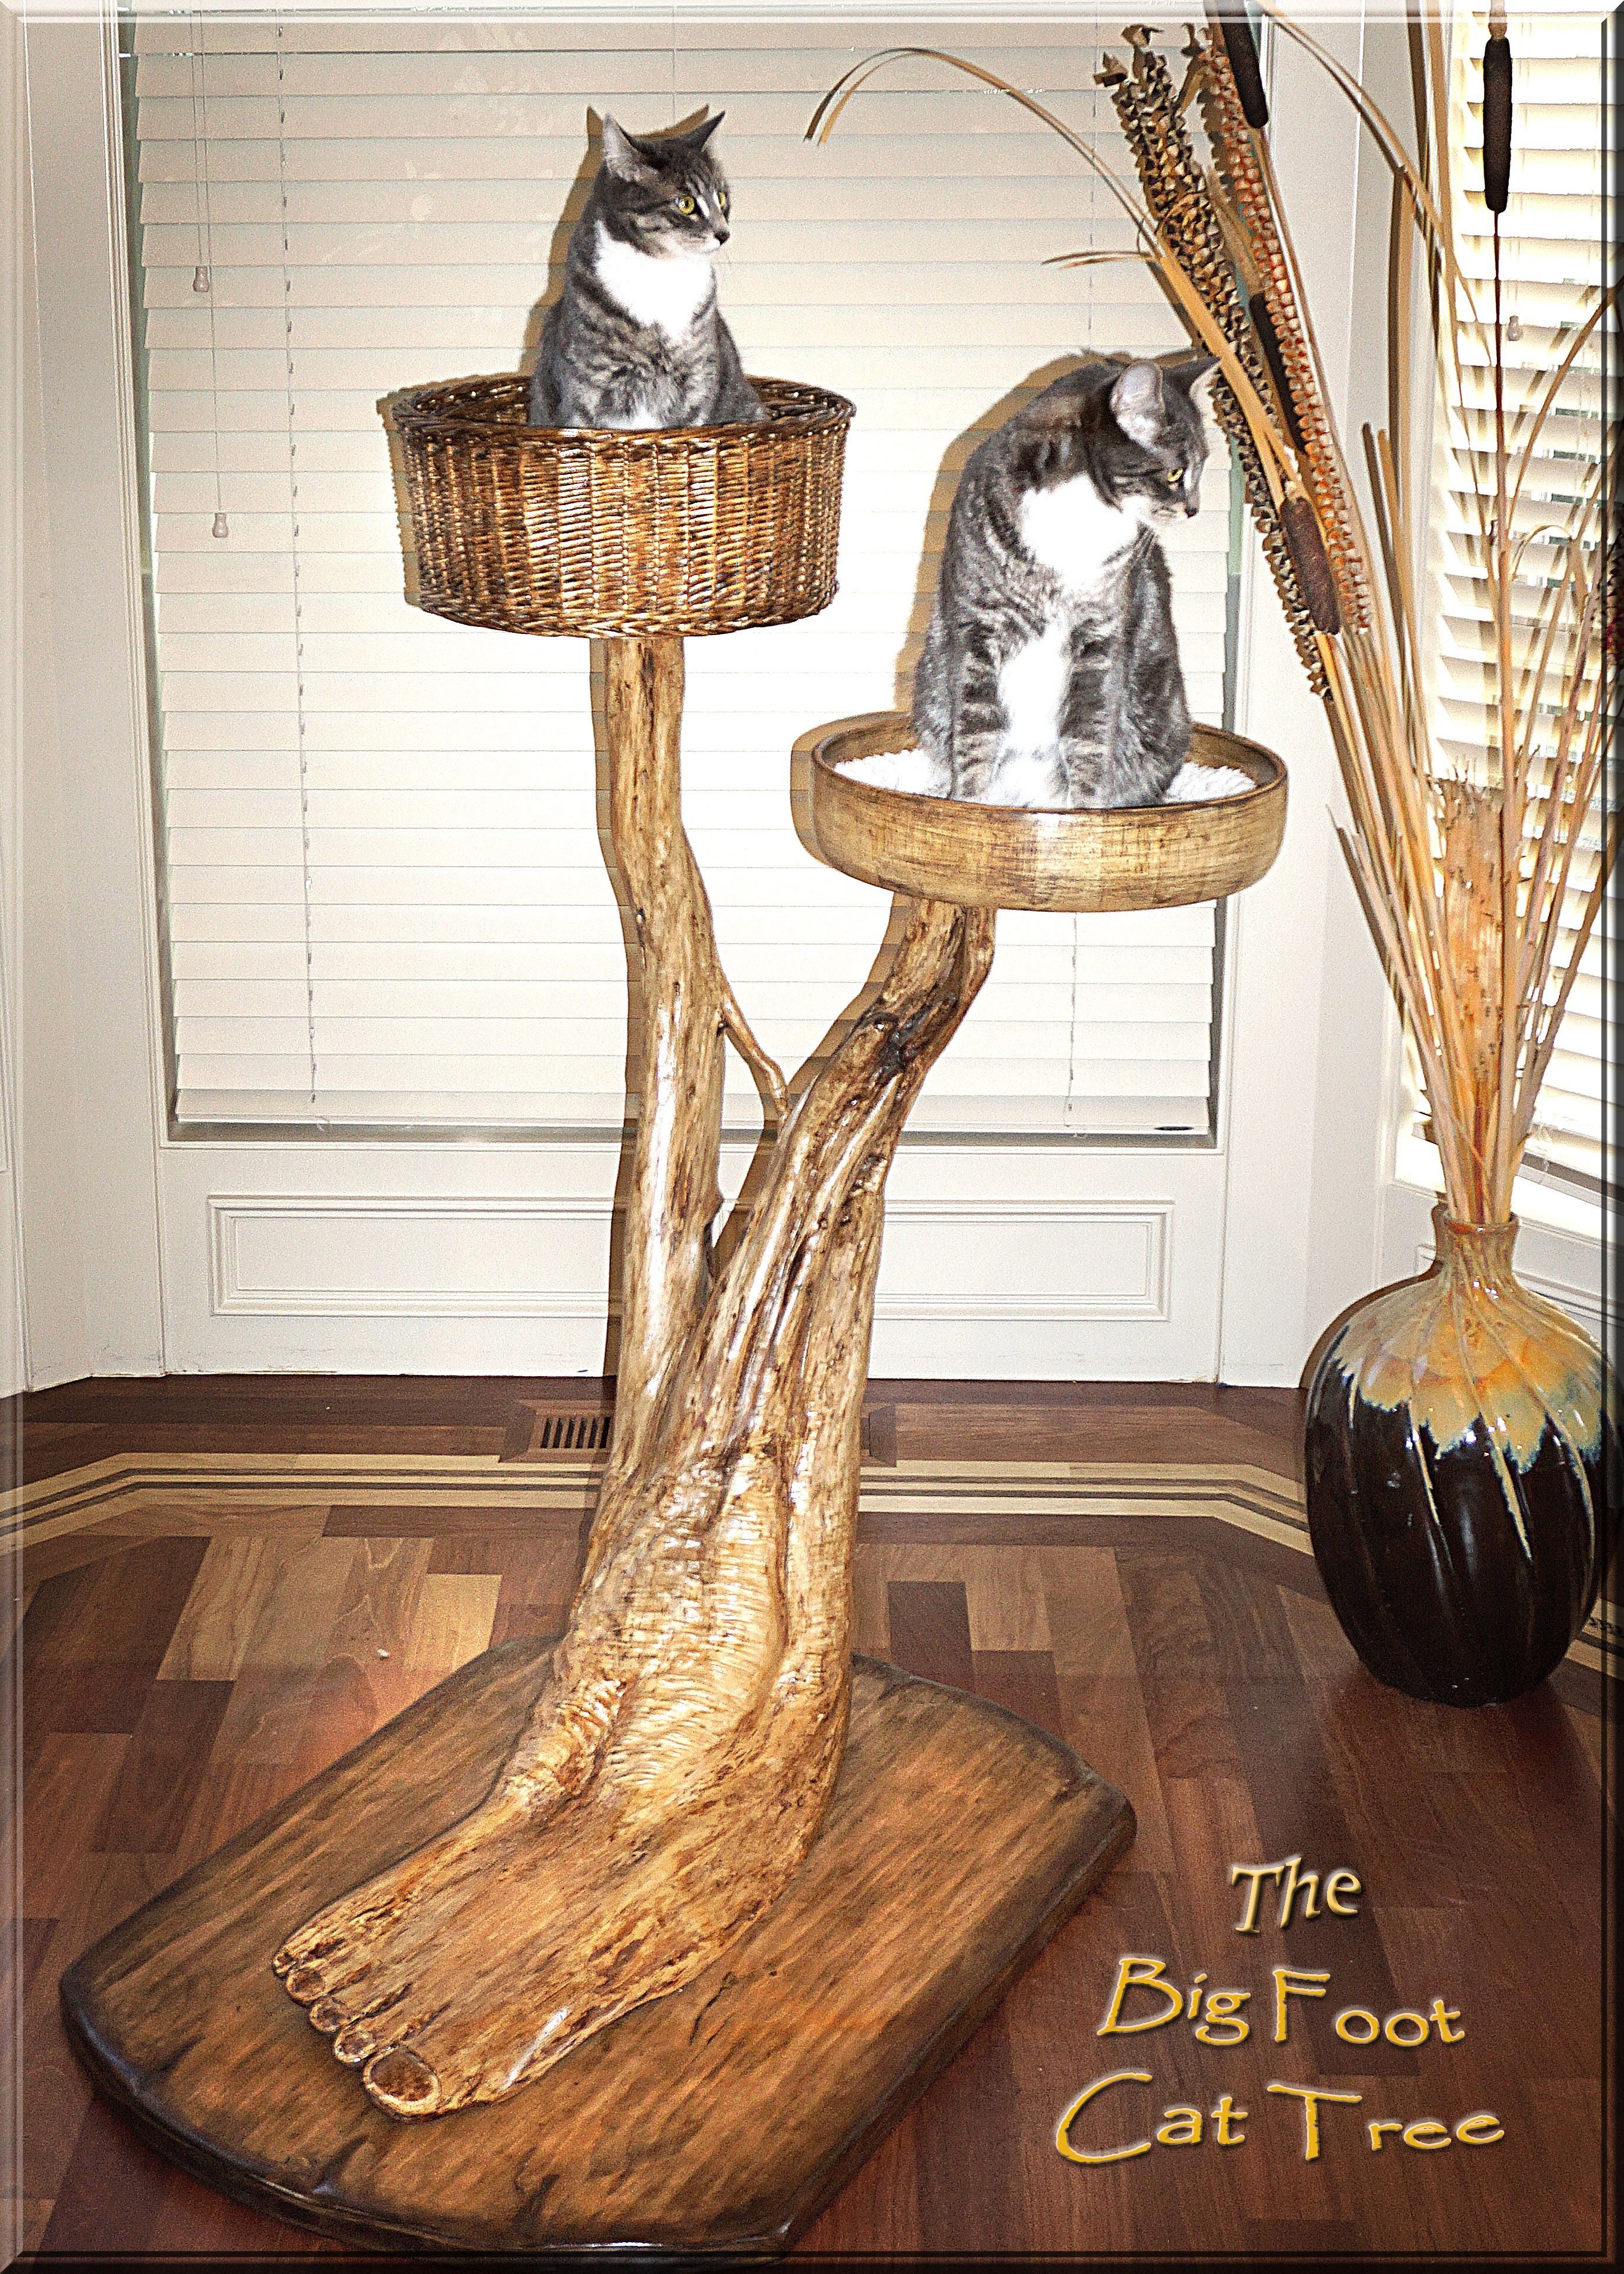 Park Art My WordPress Blog_Kittens For Sale Oregon Eugene